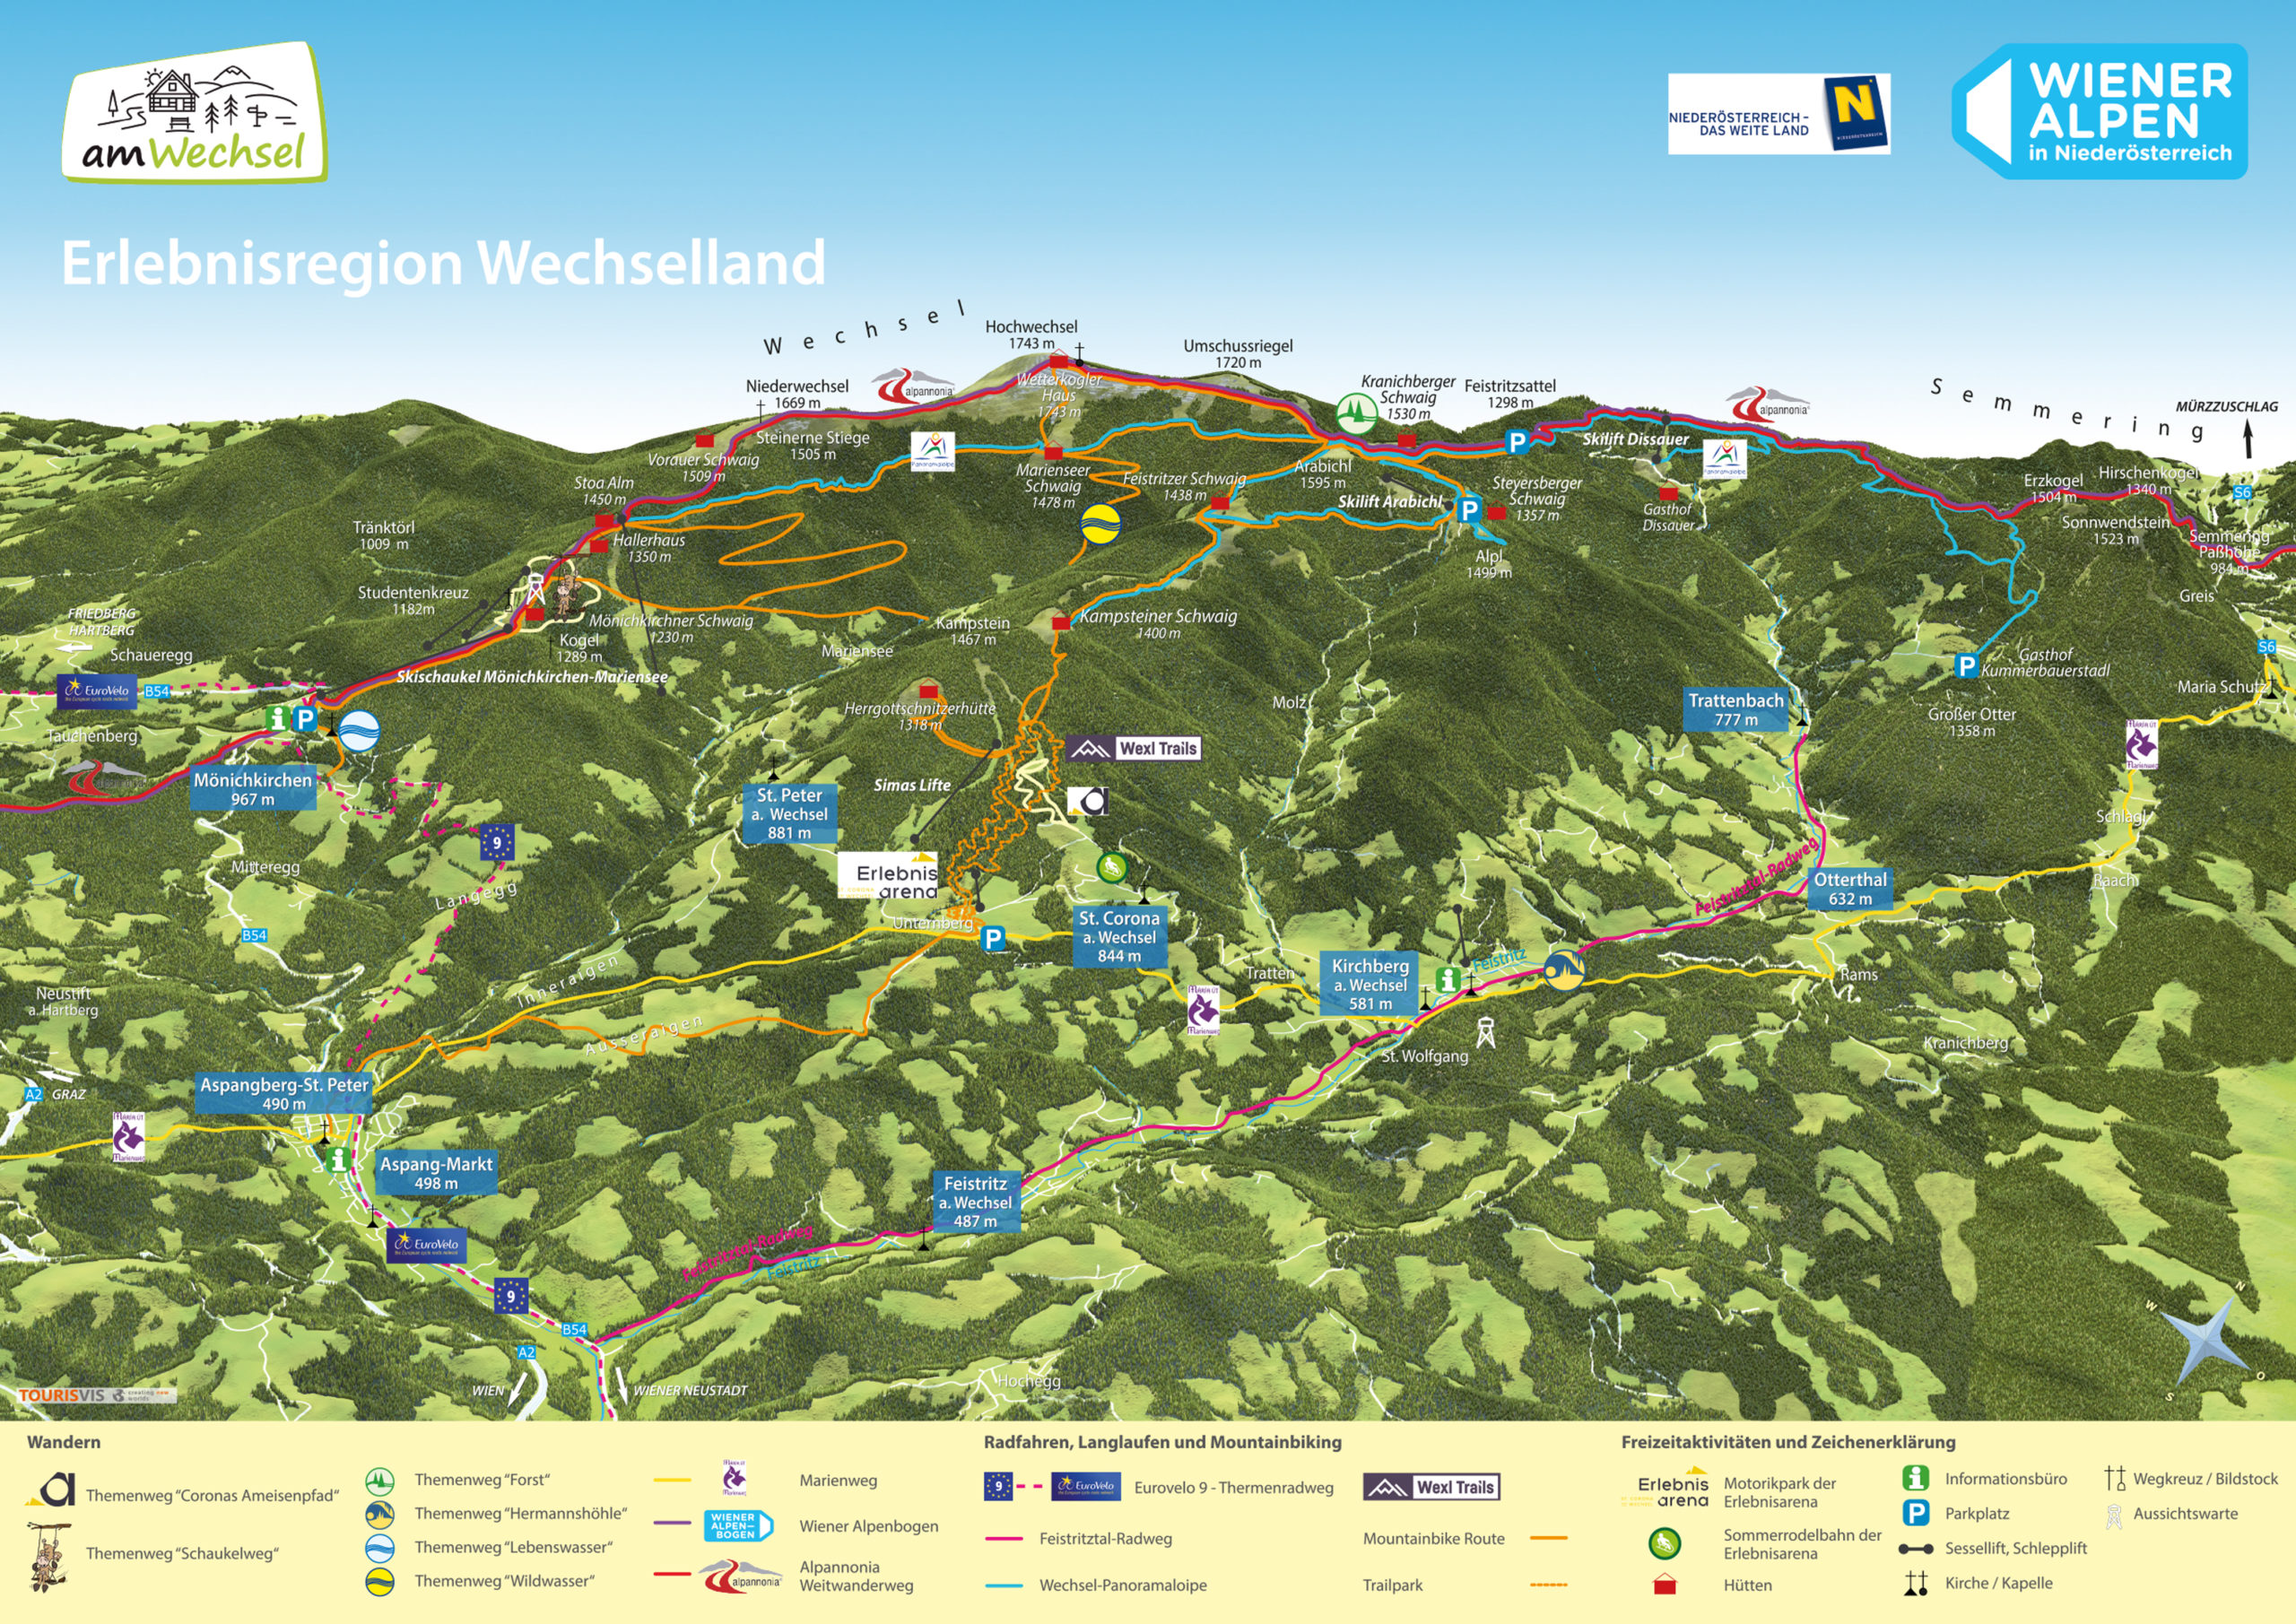 3D Panoramakarte Erlebnisregion Wechselland Wiener Alpen Niederoesterreich